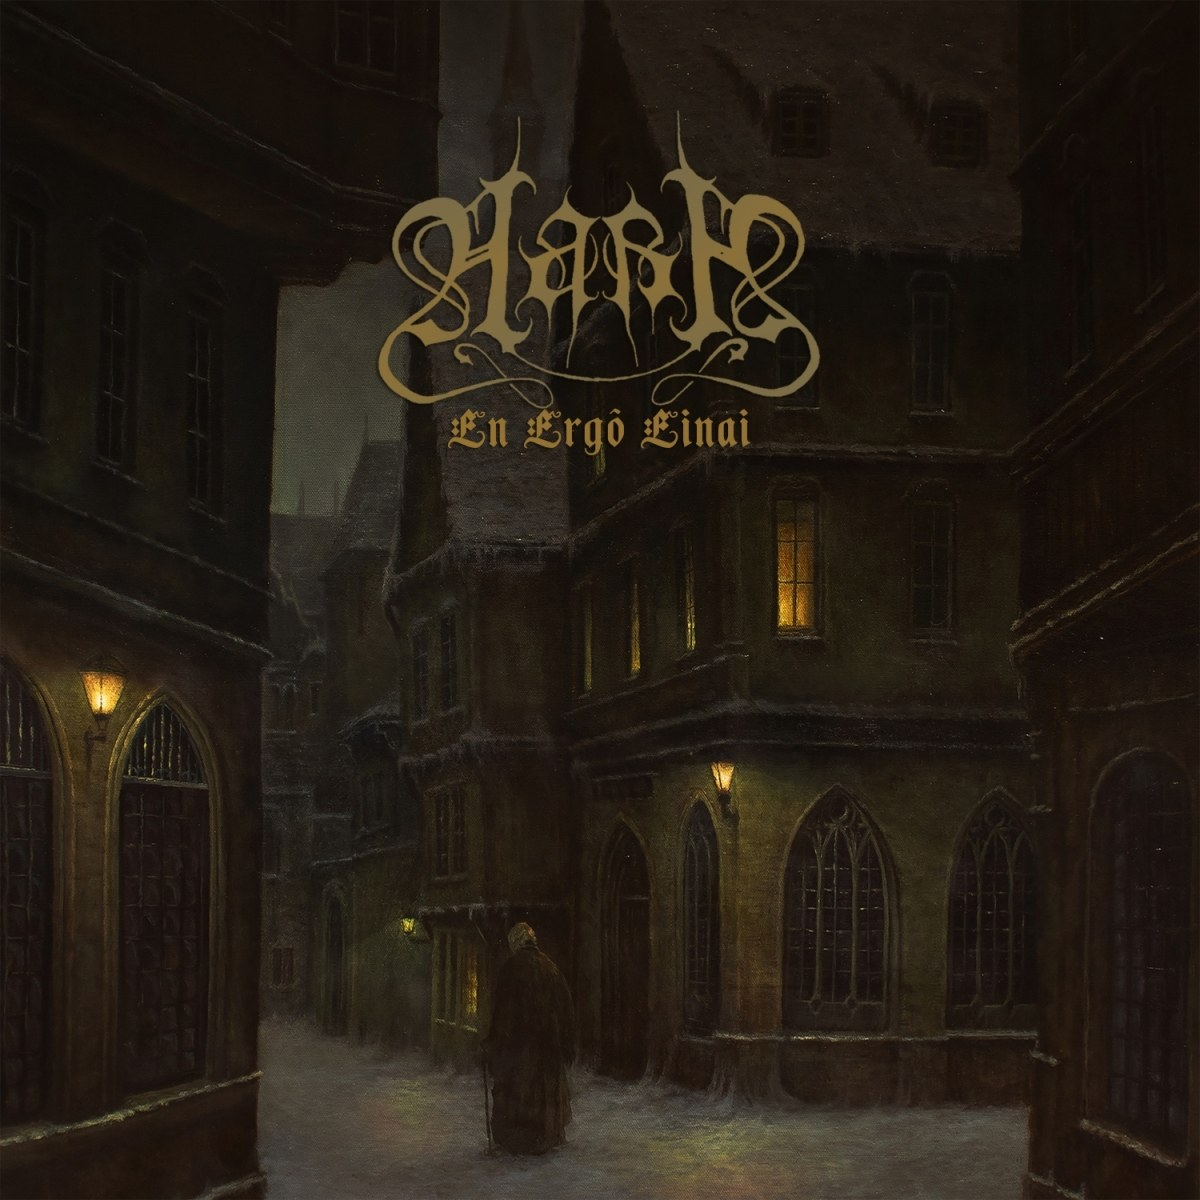 Review for Aara - En Ergô Einai